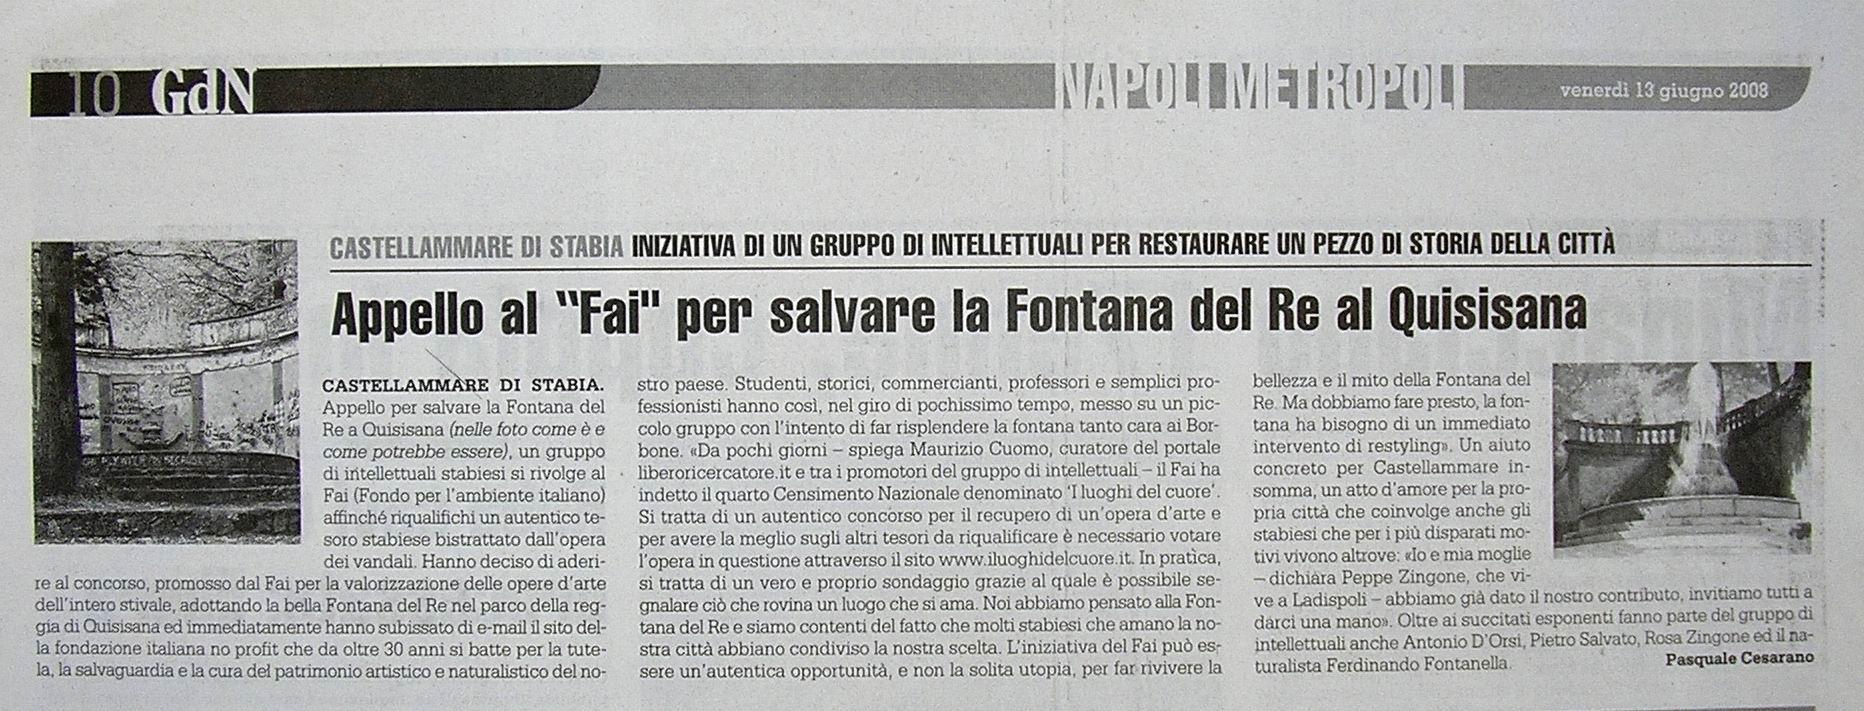 Il Giornale di Napoli – Pasquale Cesarano (13 giugno 2008)